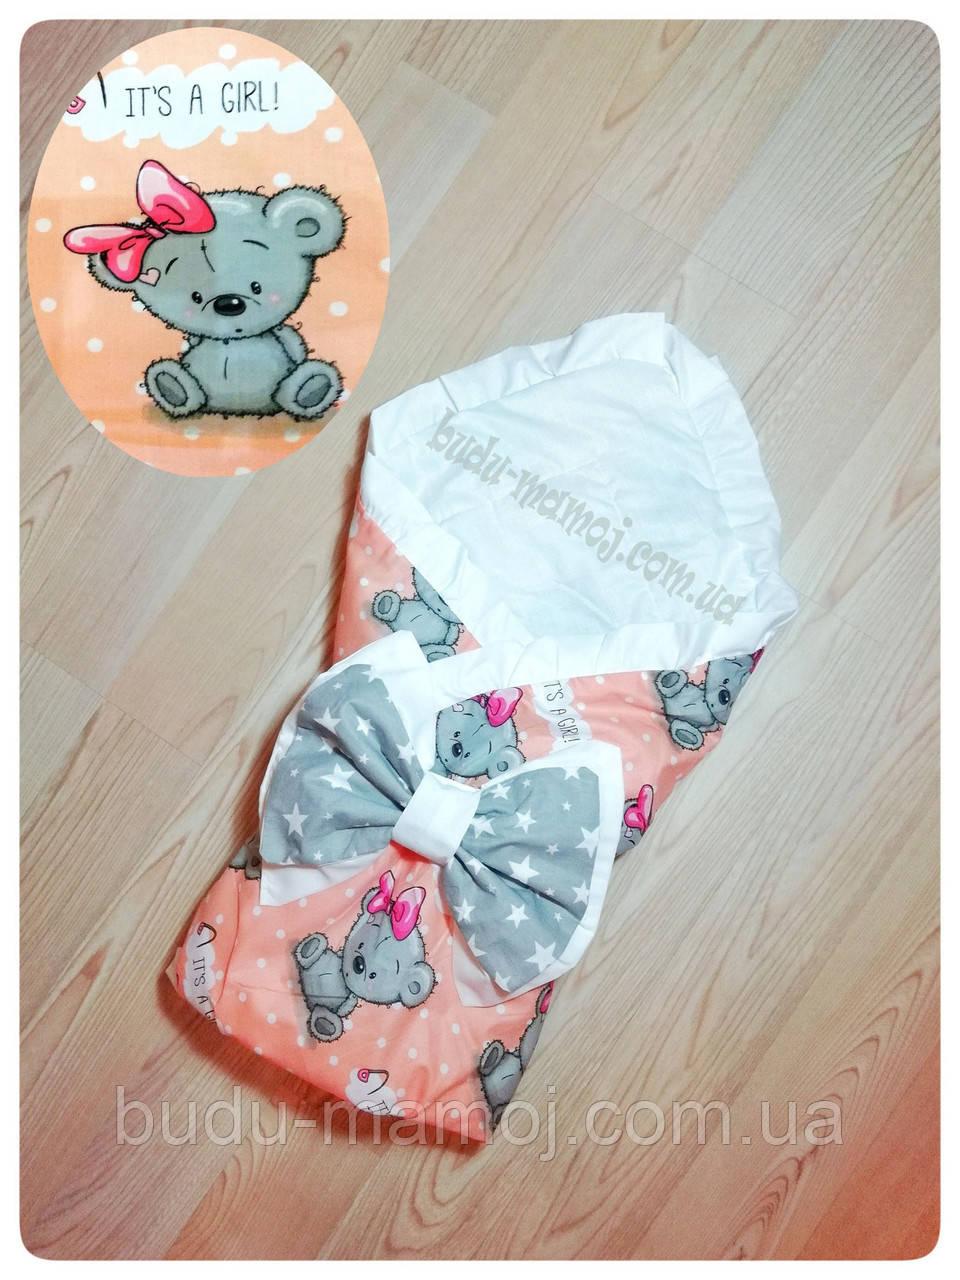 Конверт на выписку одеяло для новорожденного Хлопок Польша